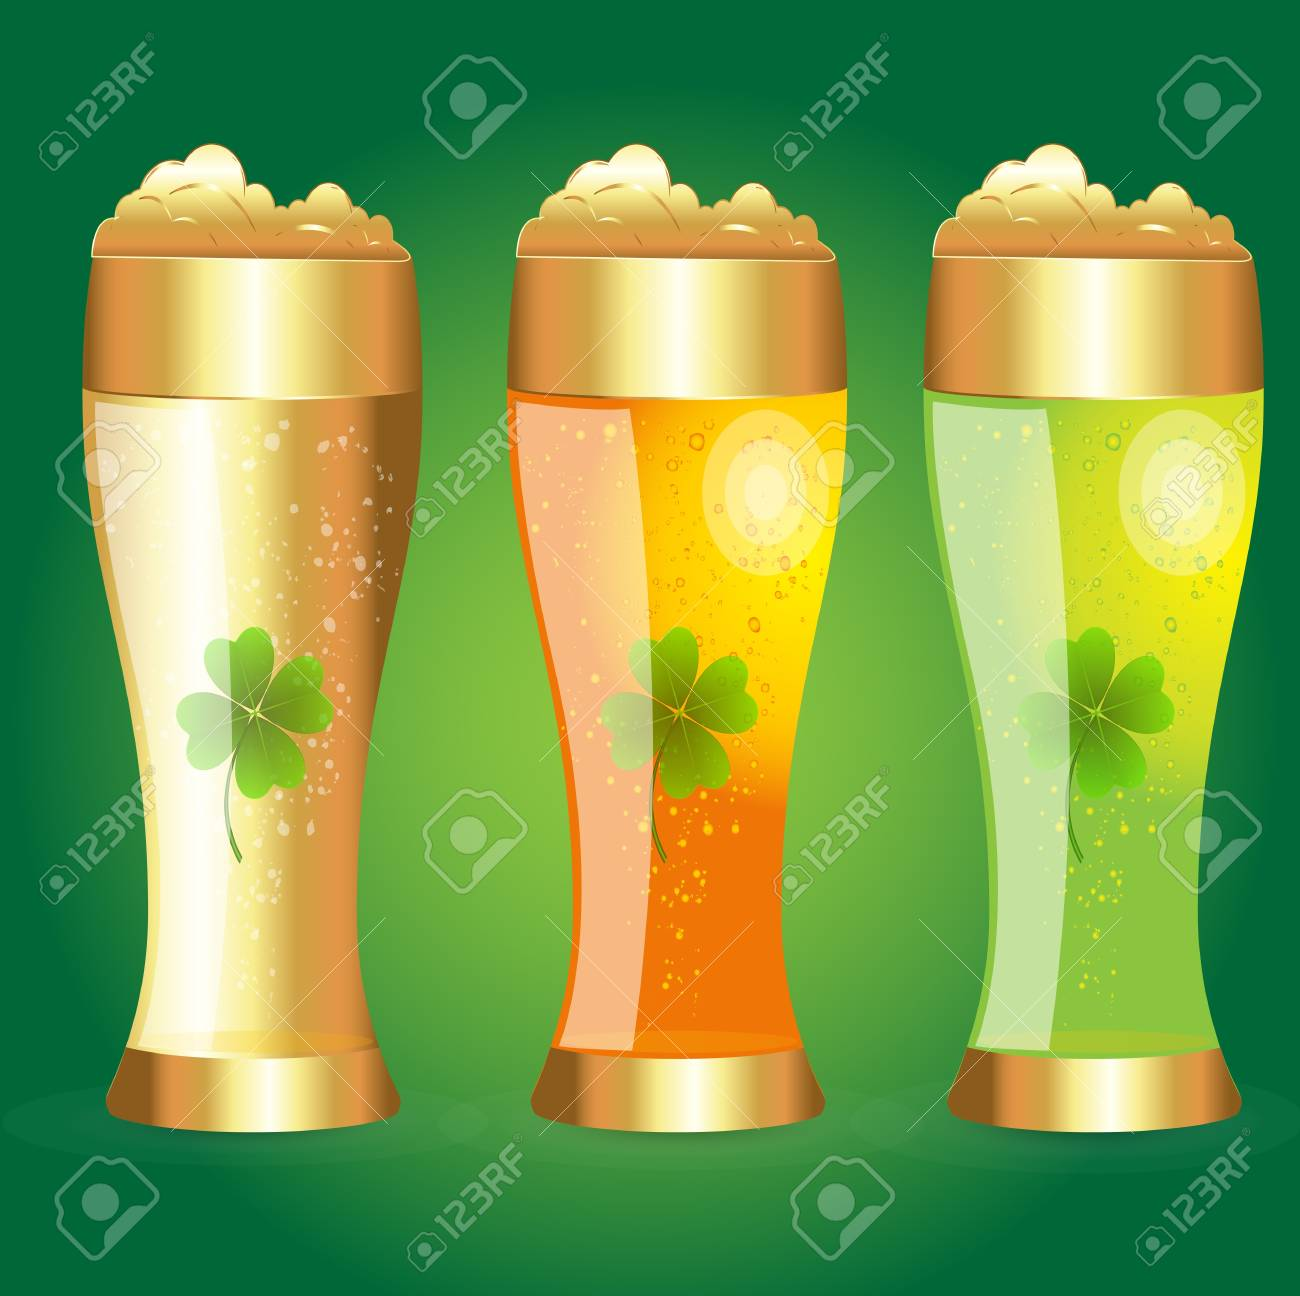 Set of Golden Glass of Beer Stock Vector - 12861144